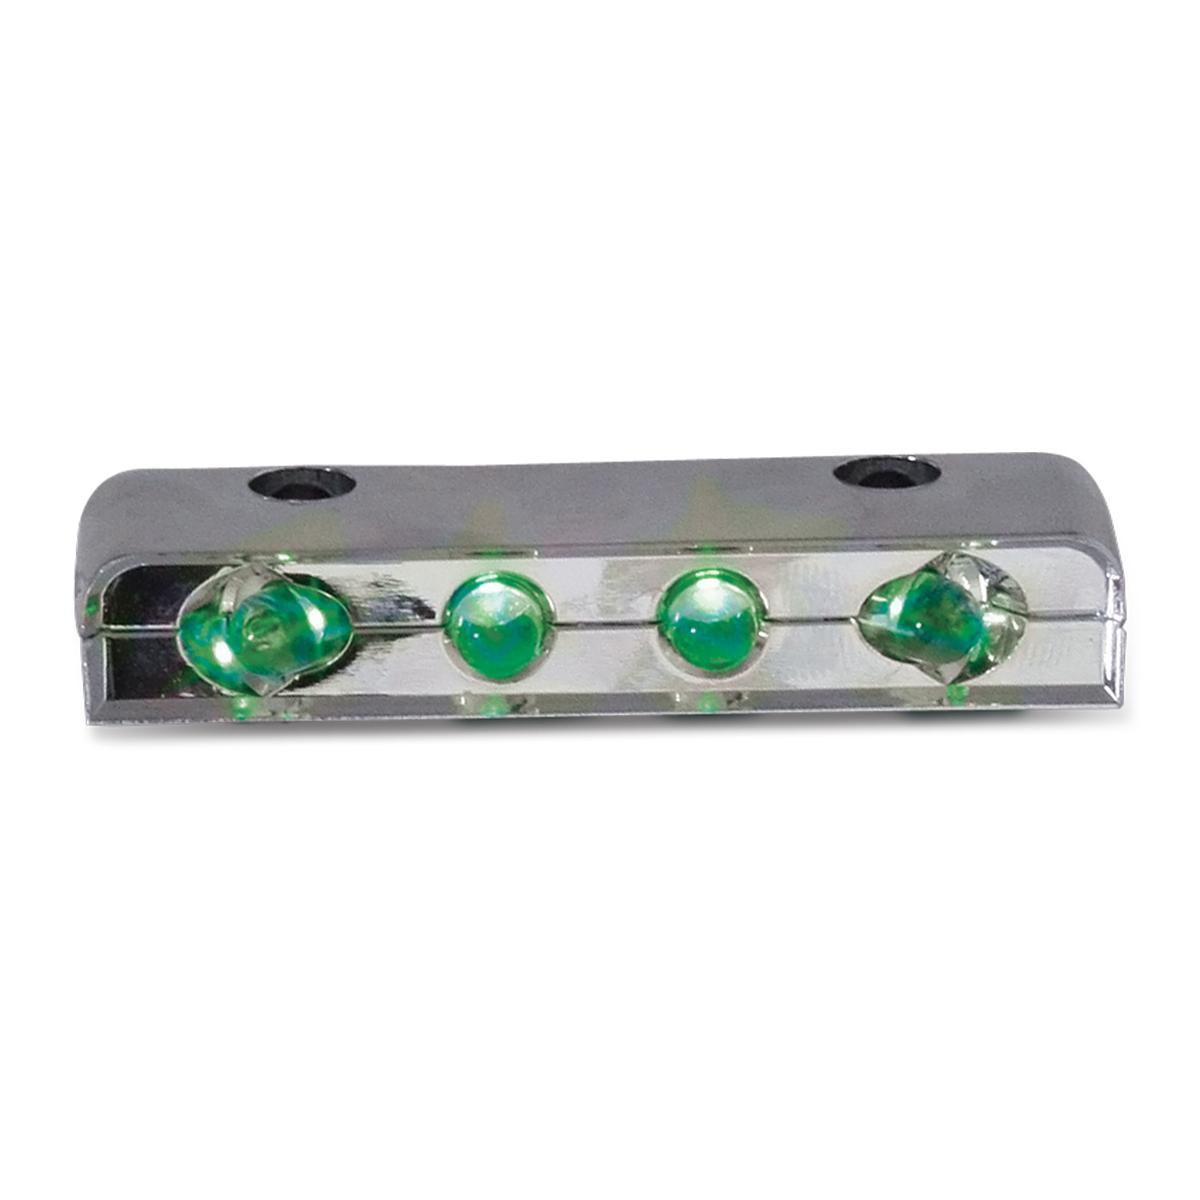 77102 Green 4 LED Step Light